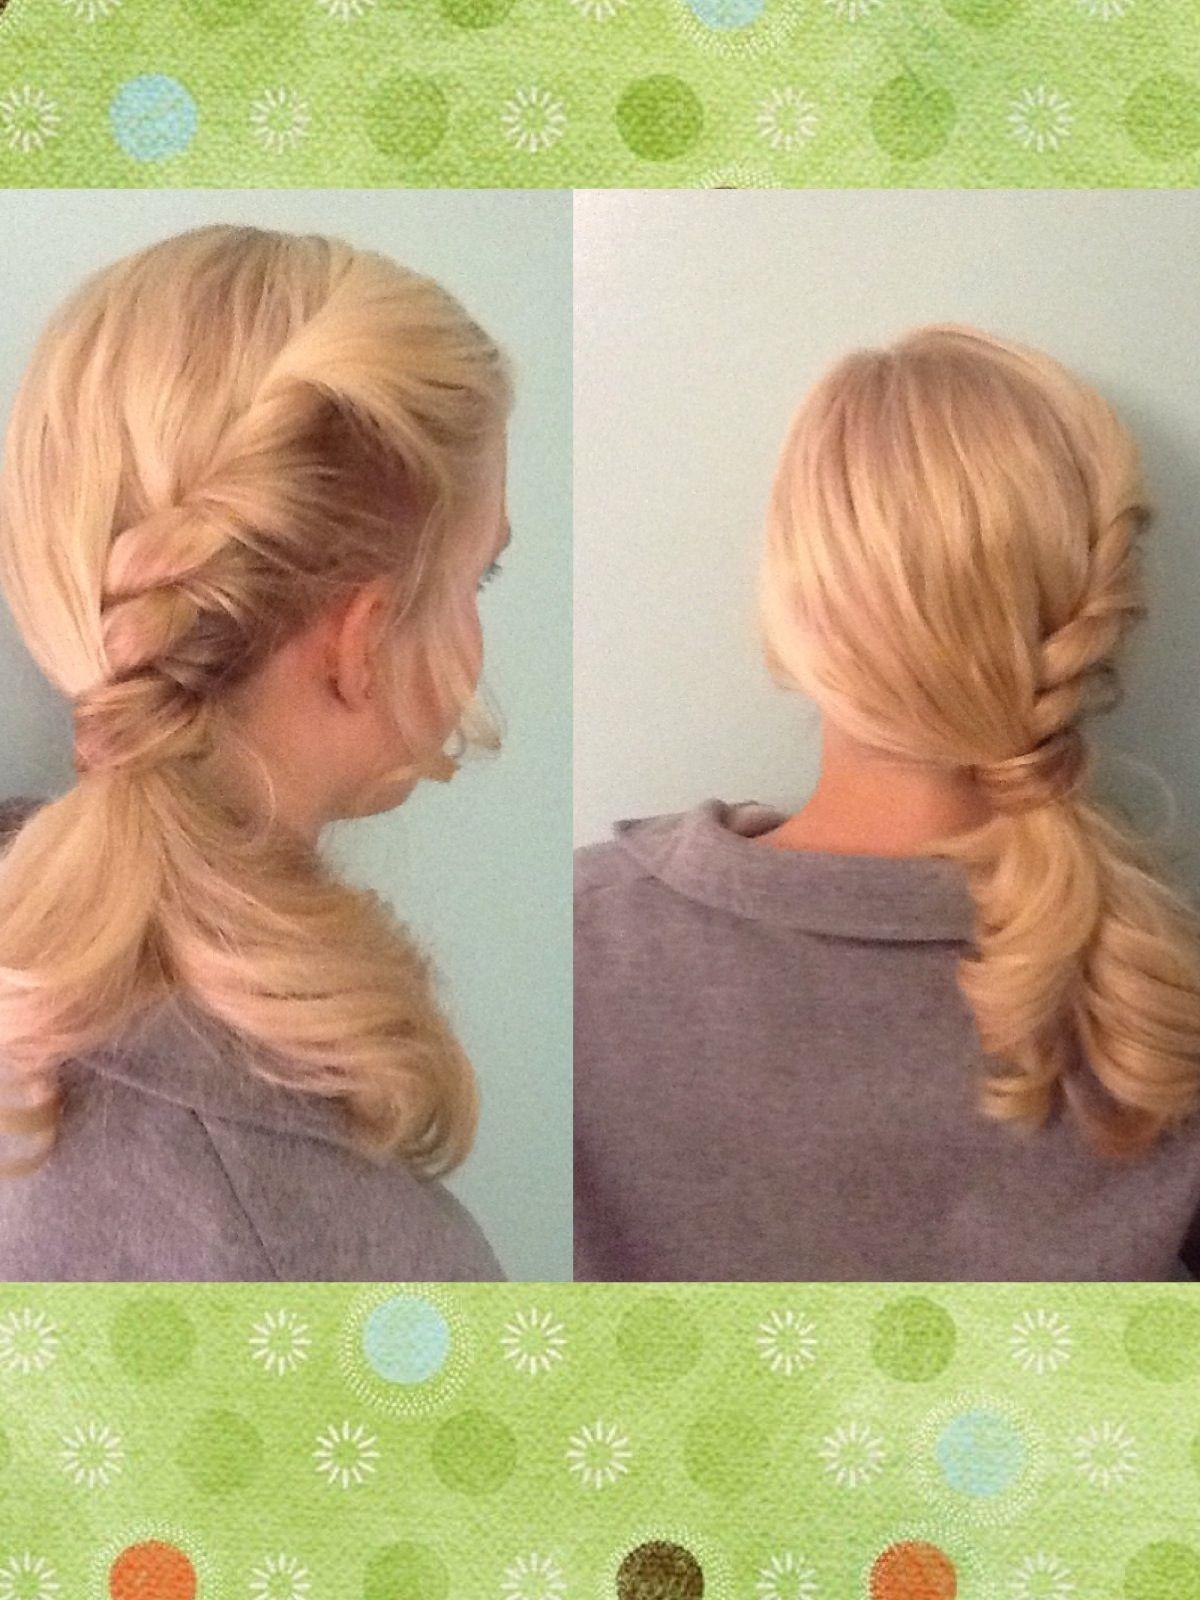 Easy hair do easy hair dous pinterest easy hair side